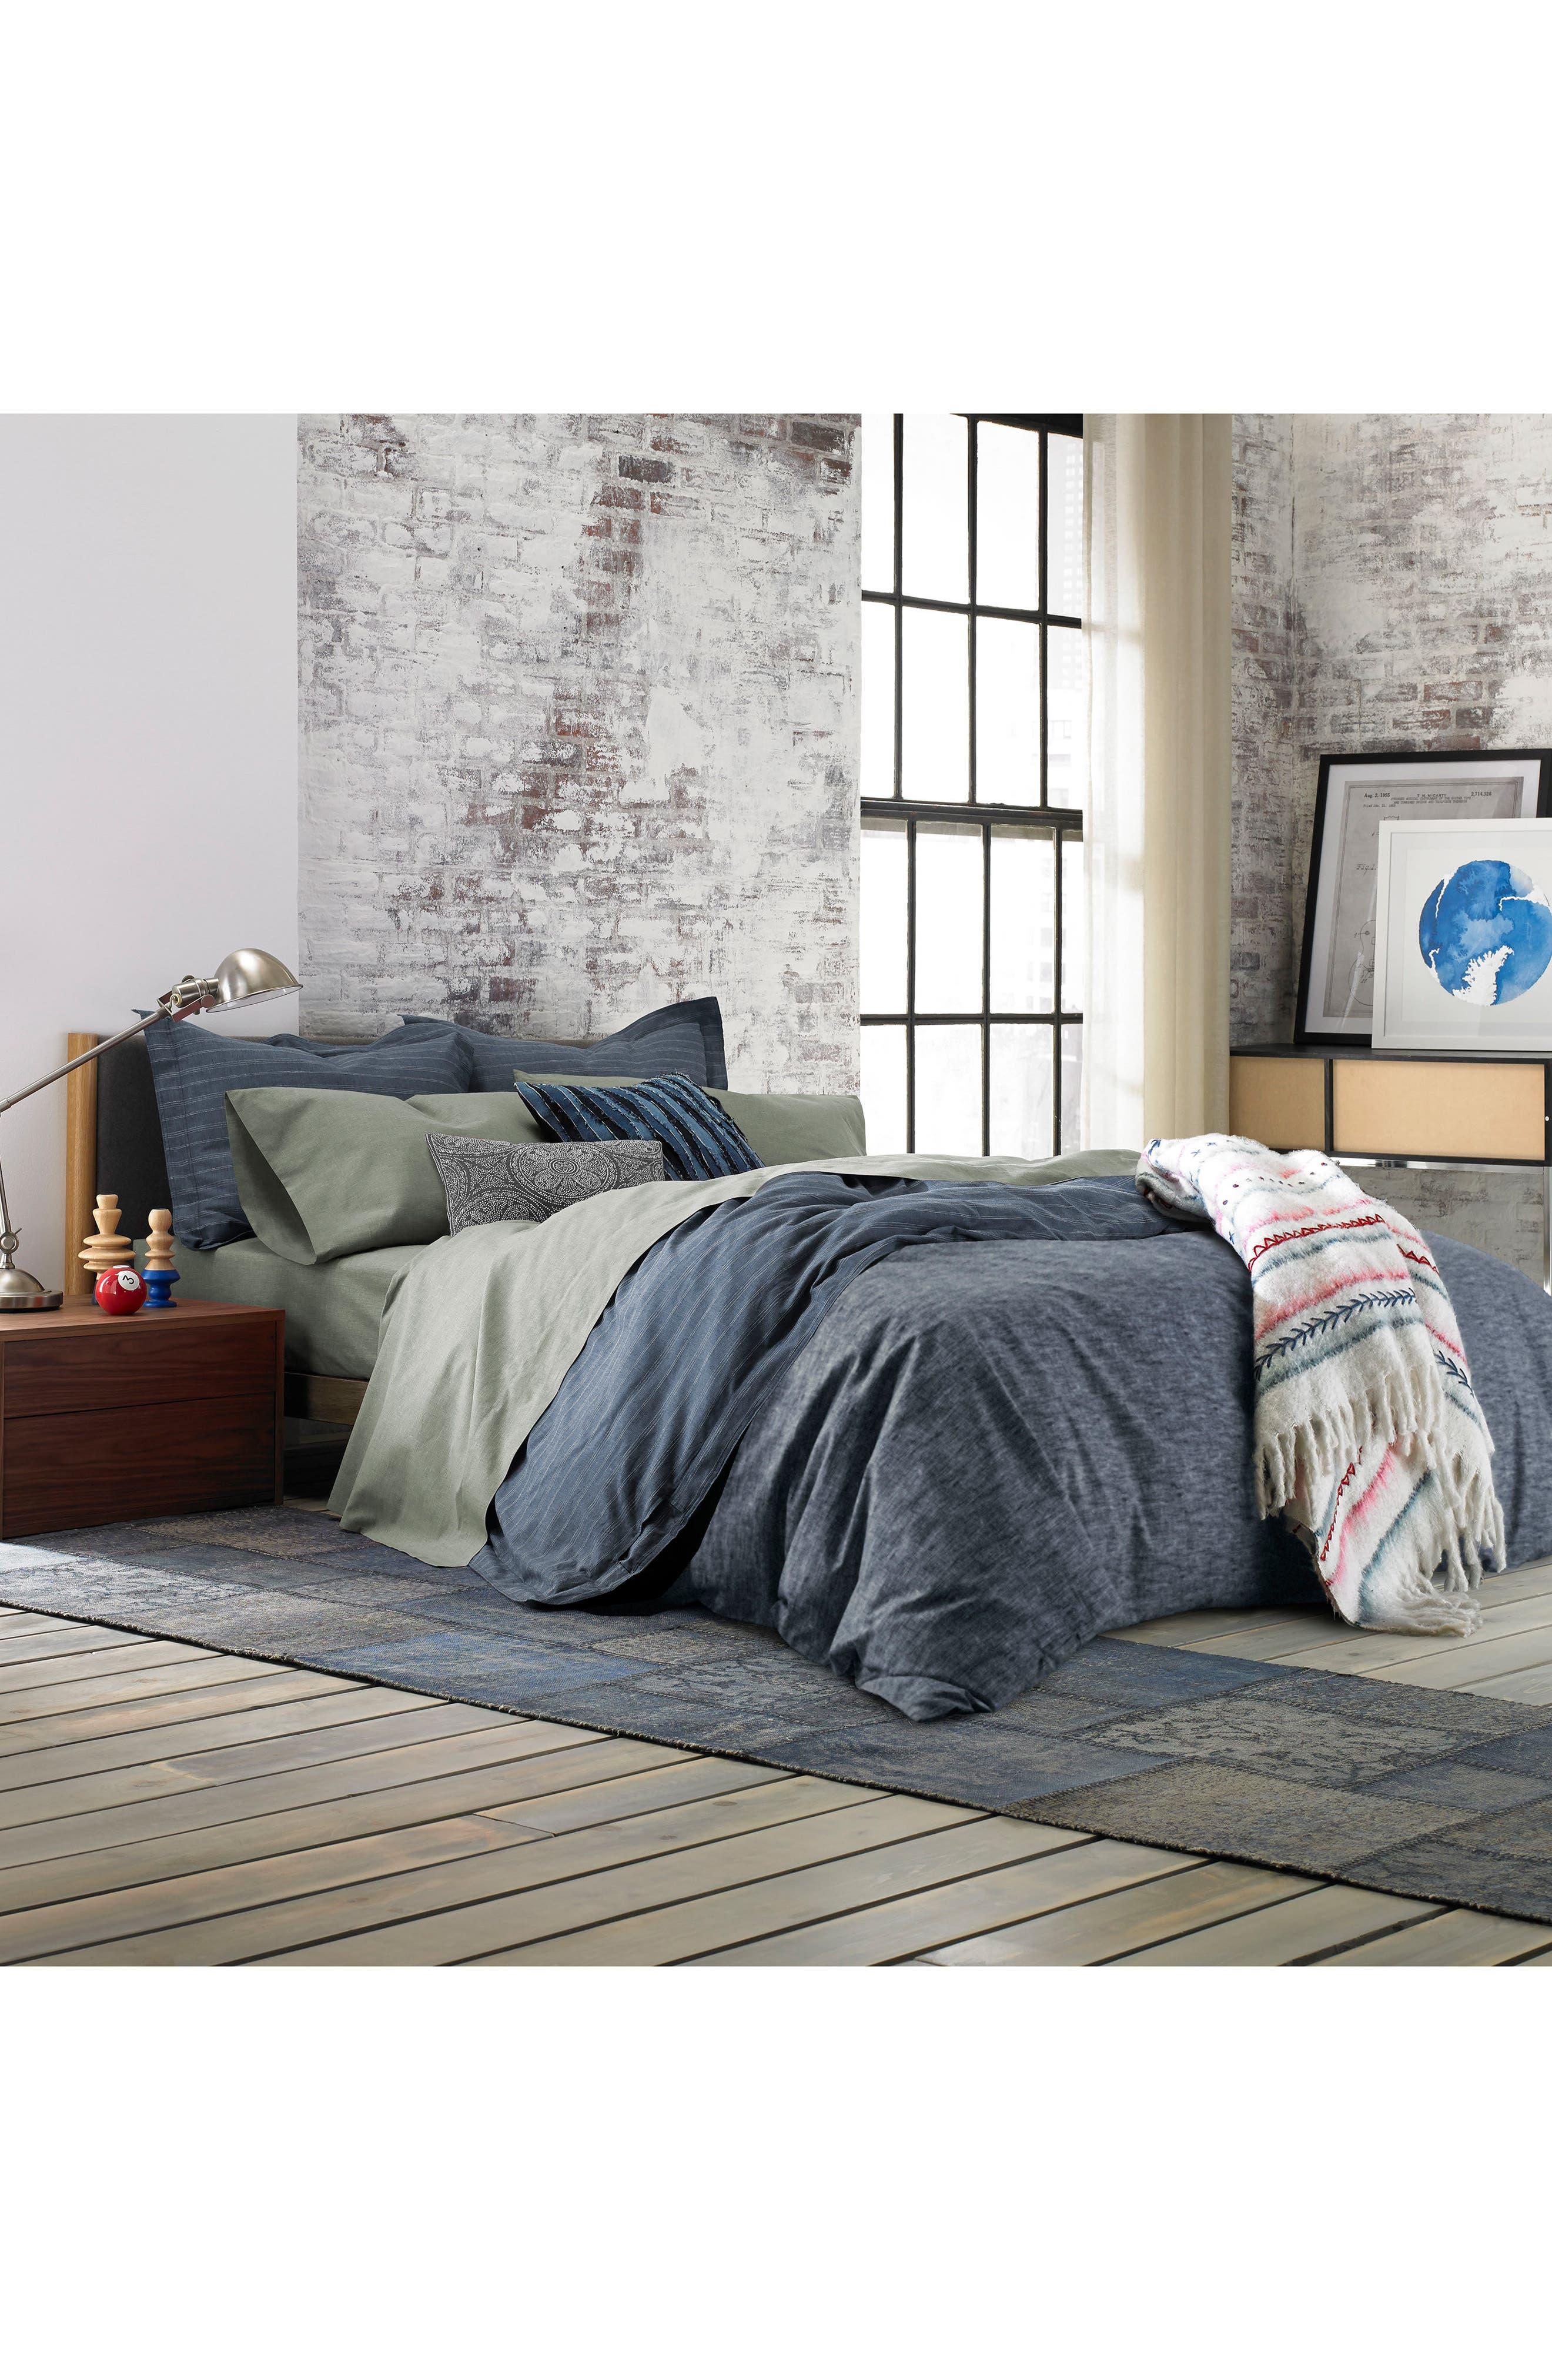 Duvet Vs Comforter Affordable White Avalon Hypodown Down